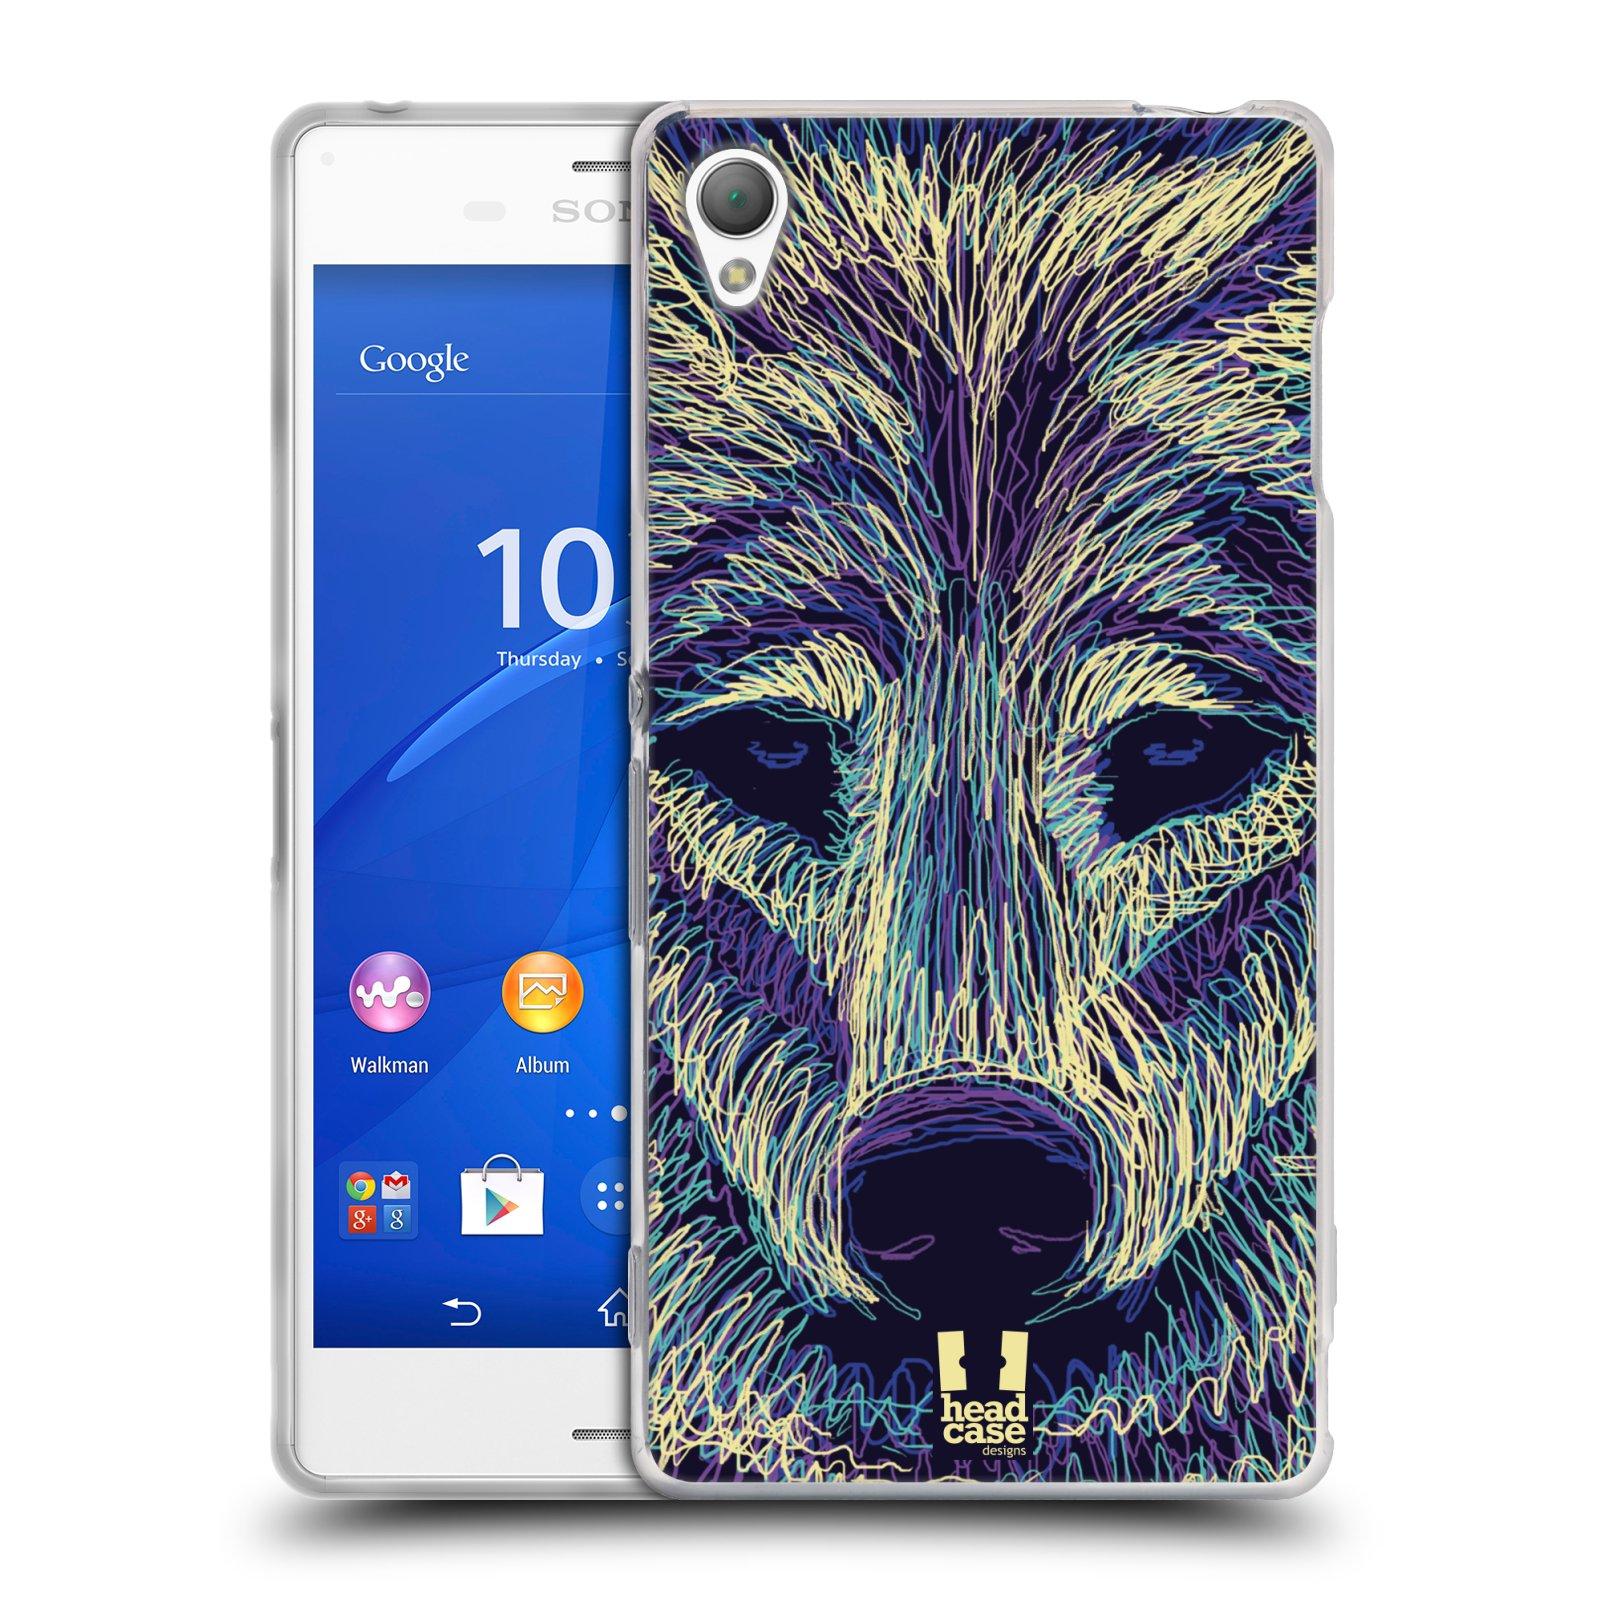 HEAD CASE silikonový obal na mobil Sony Xperia Z3 vzor zvíře čmáranice vlk